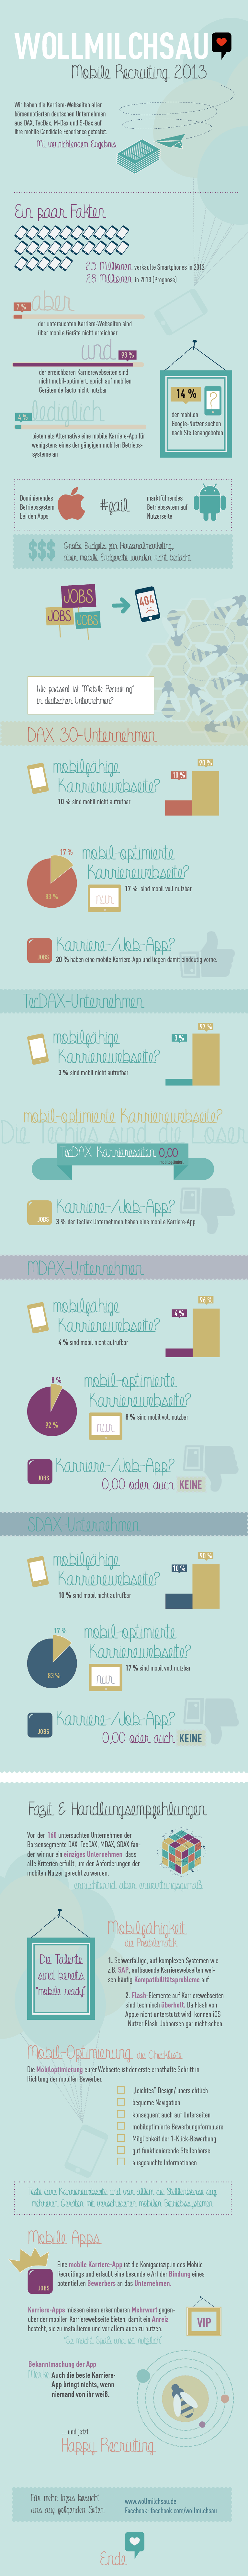 Mobile Recruiting in Deutschland 2013 - Quelle: Wollmilchsau